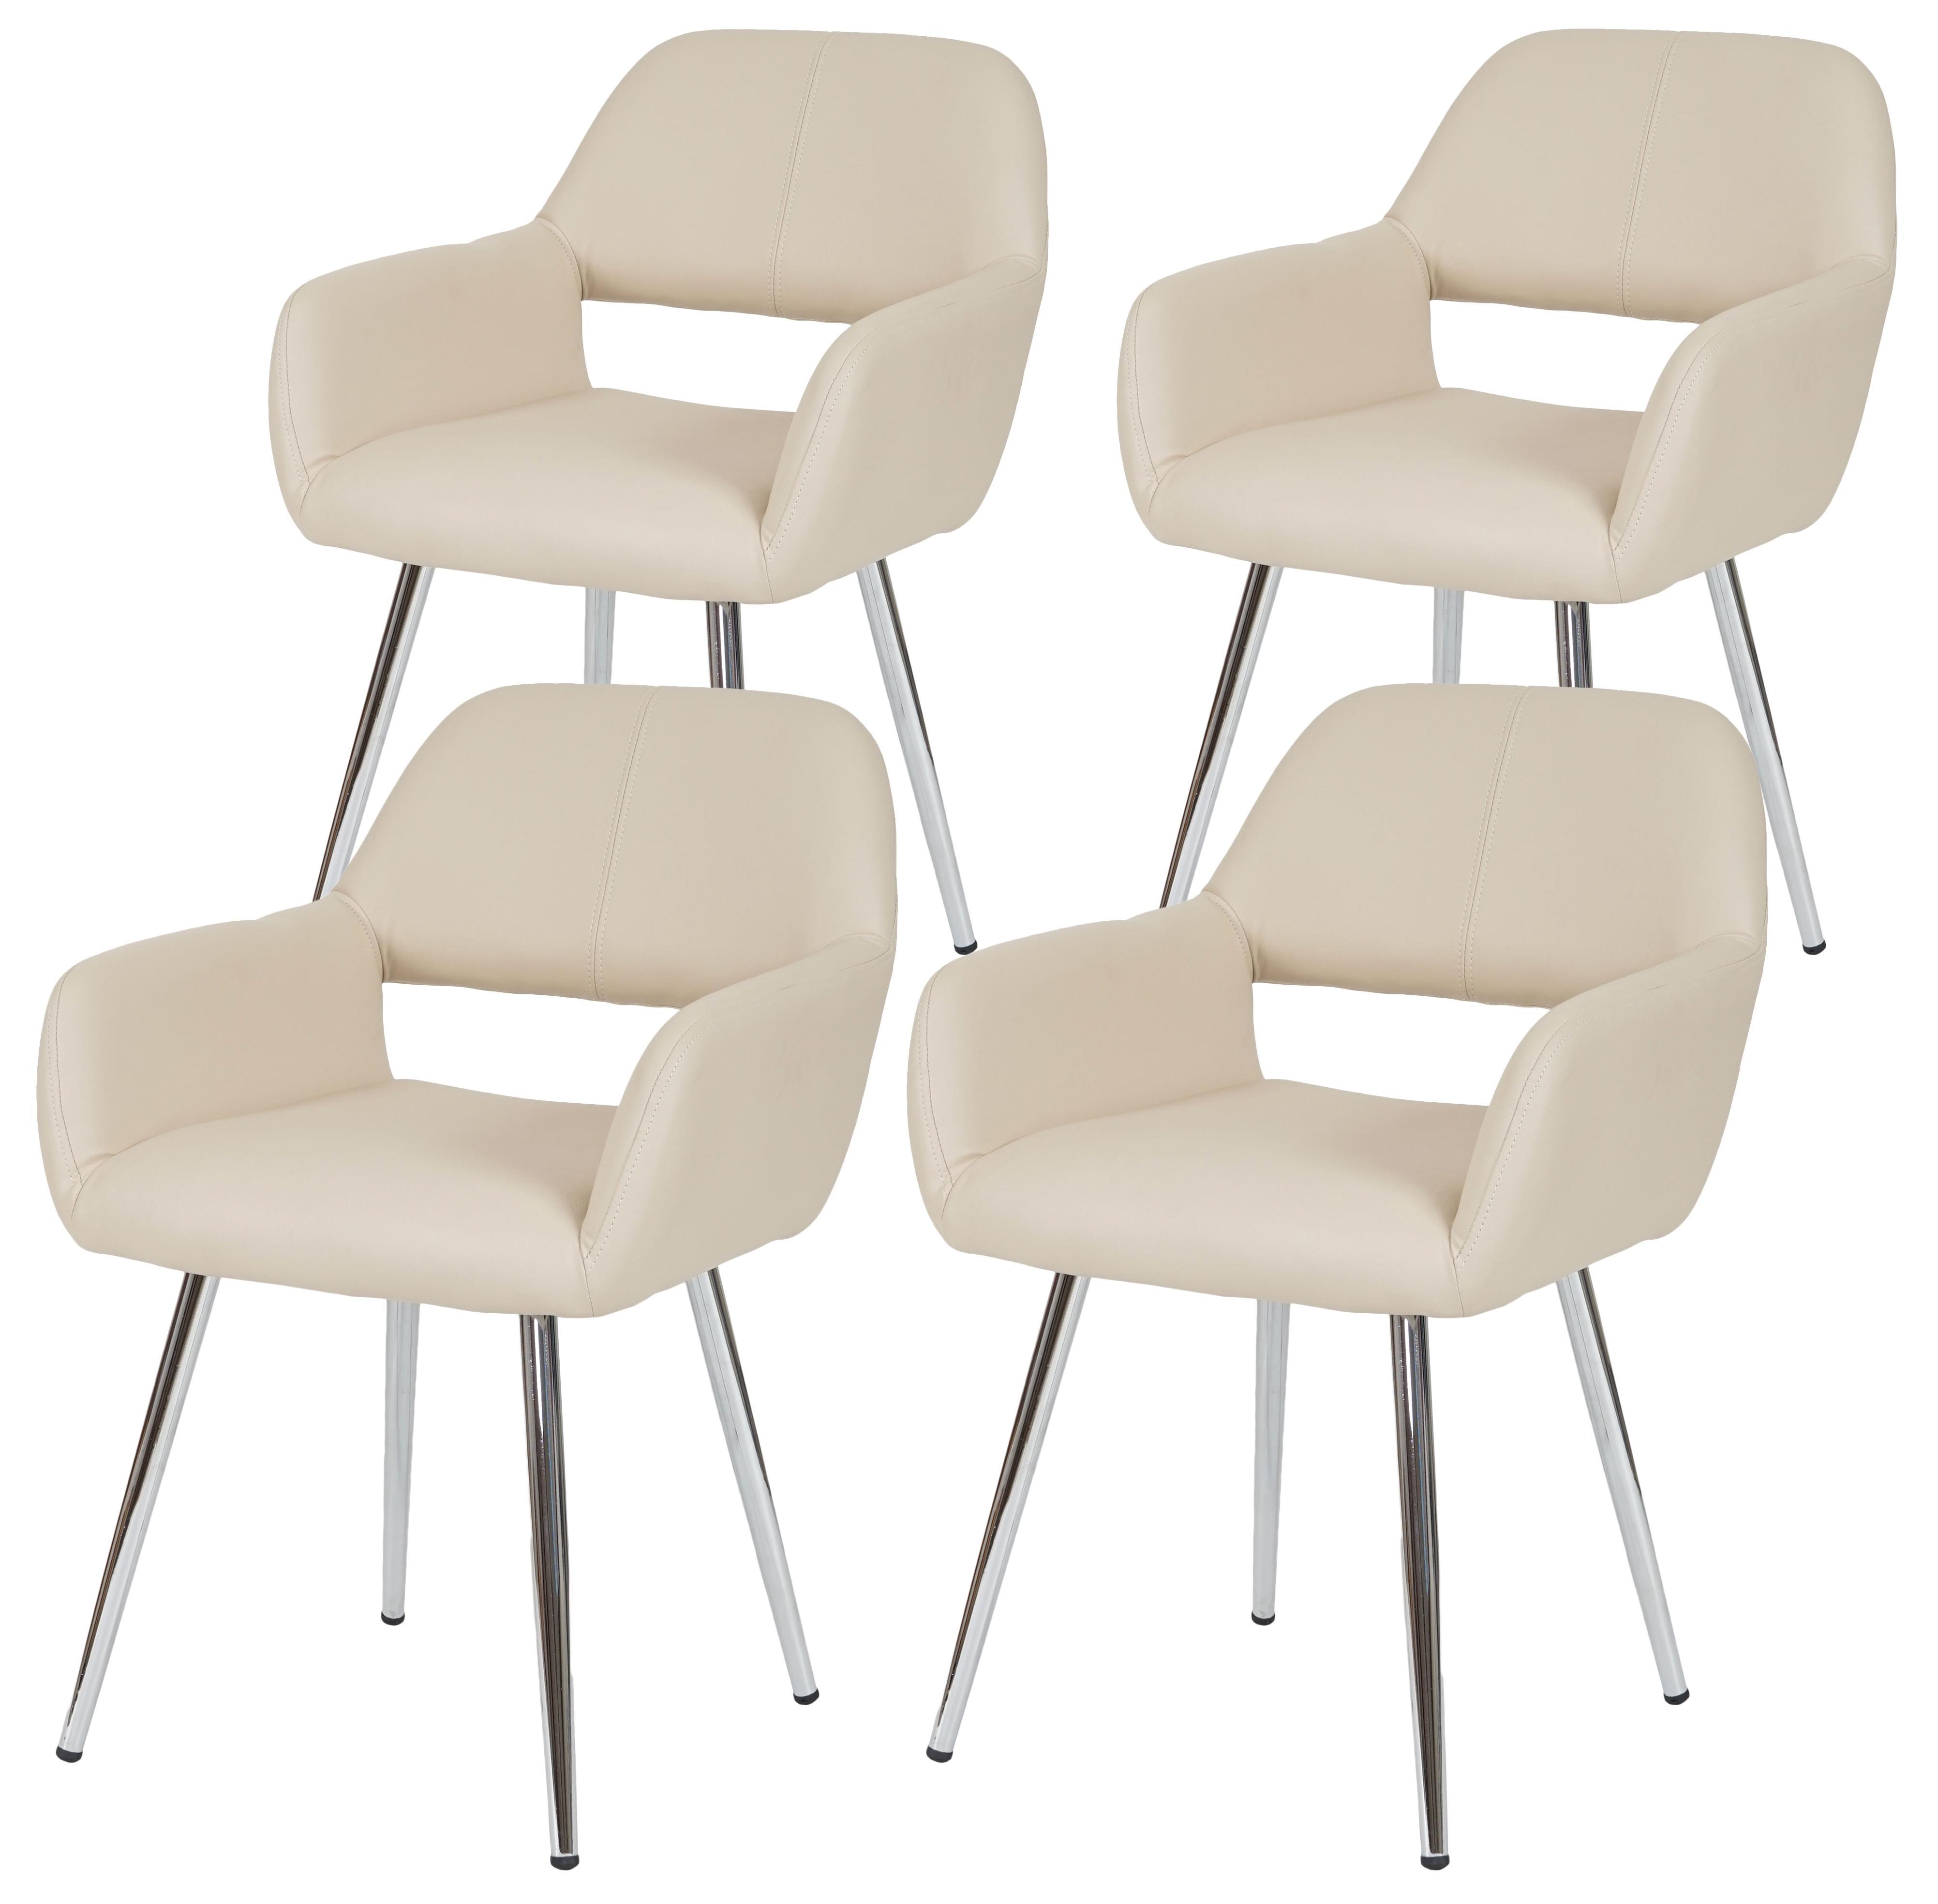 Lote 4 sillas de comedor o cocina calisa gran dise o con for Sillas de cocina precios